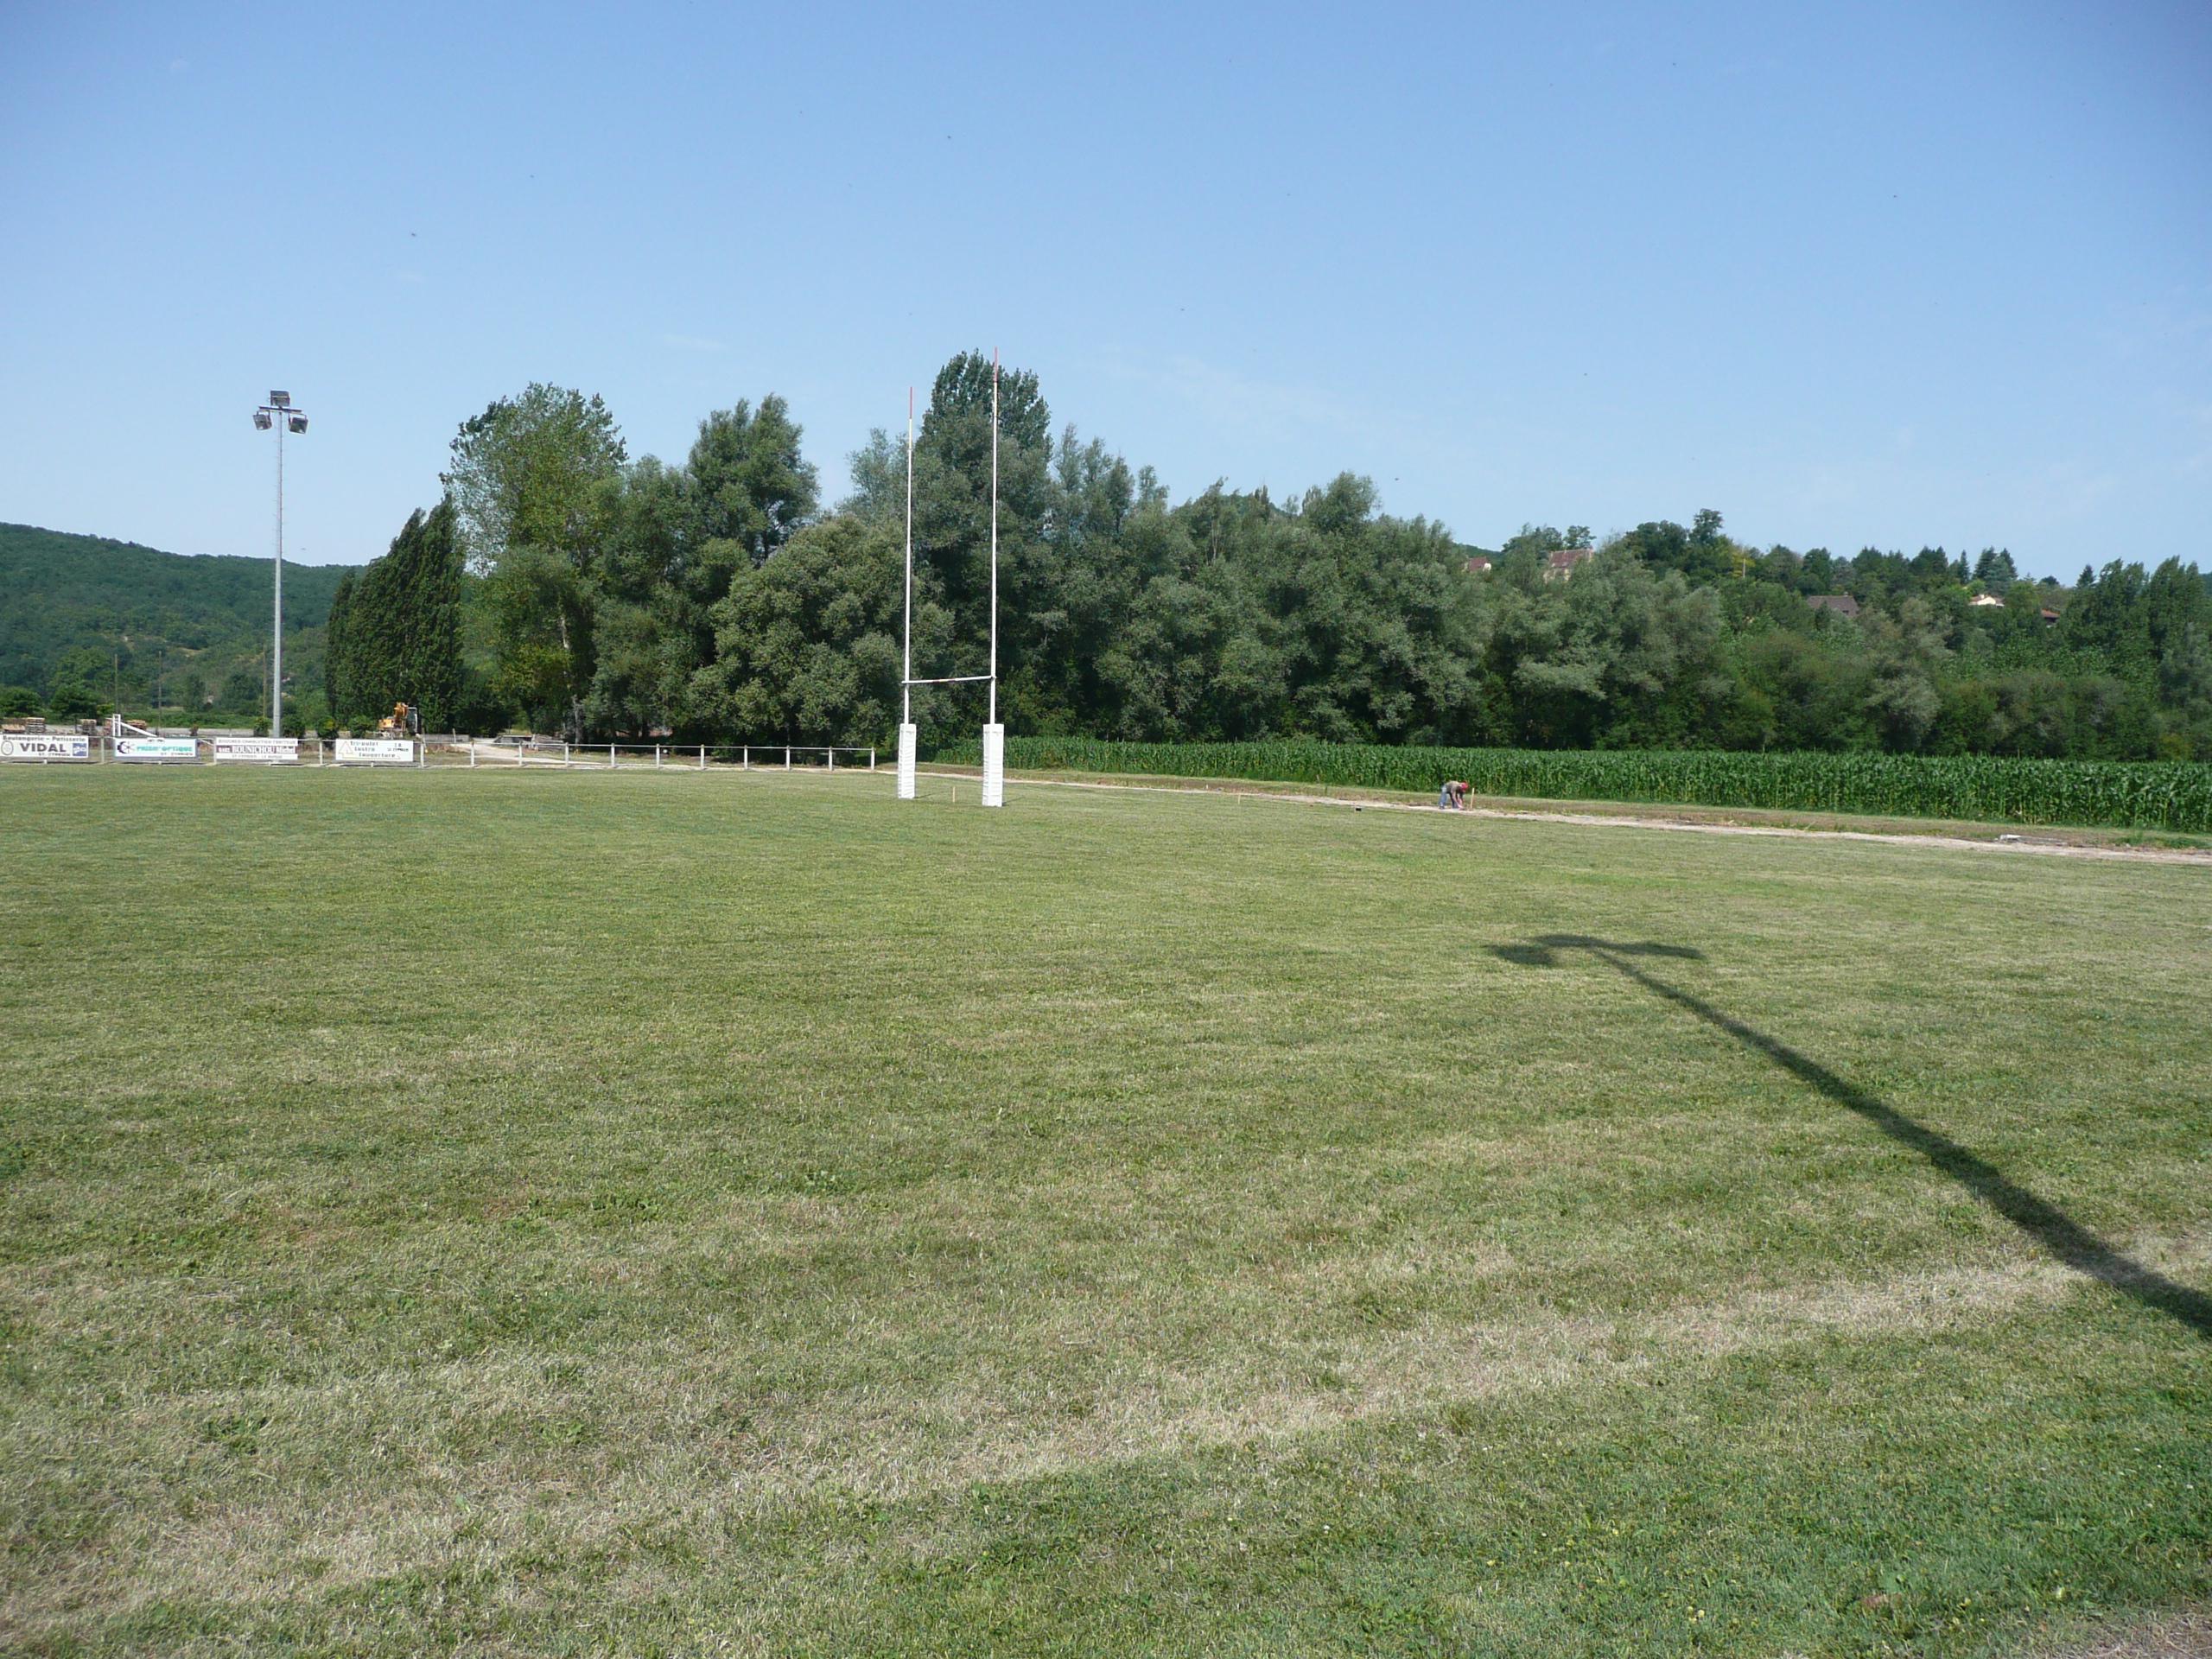 Le stade pendant les travaux